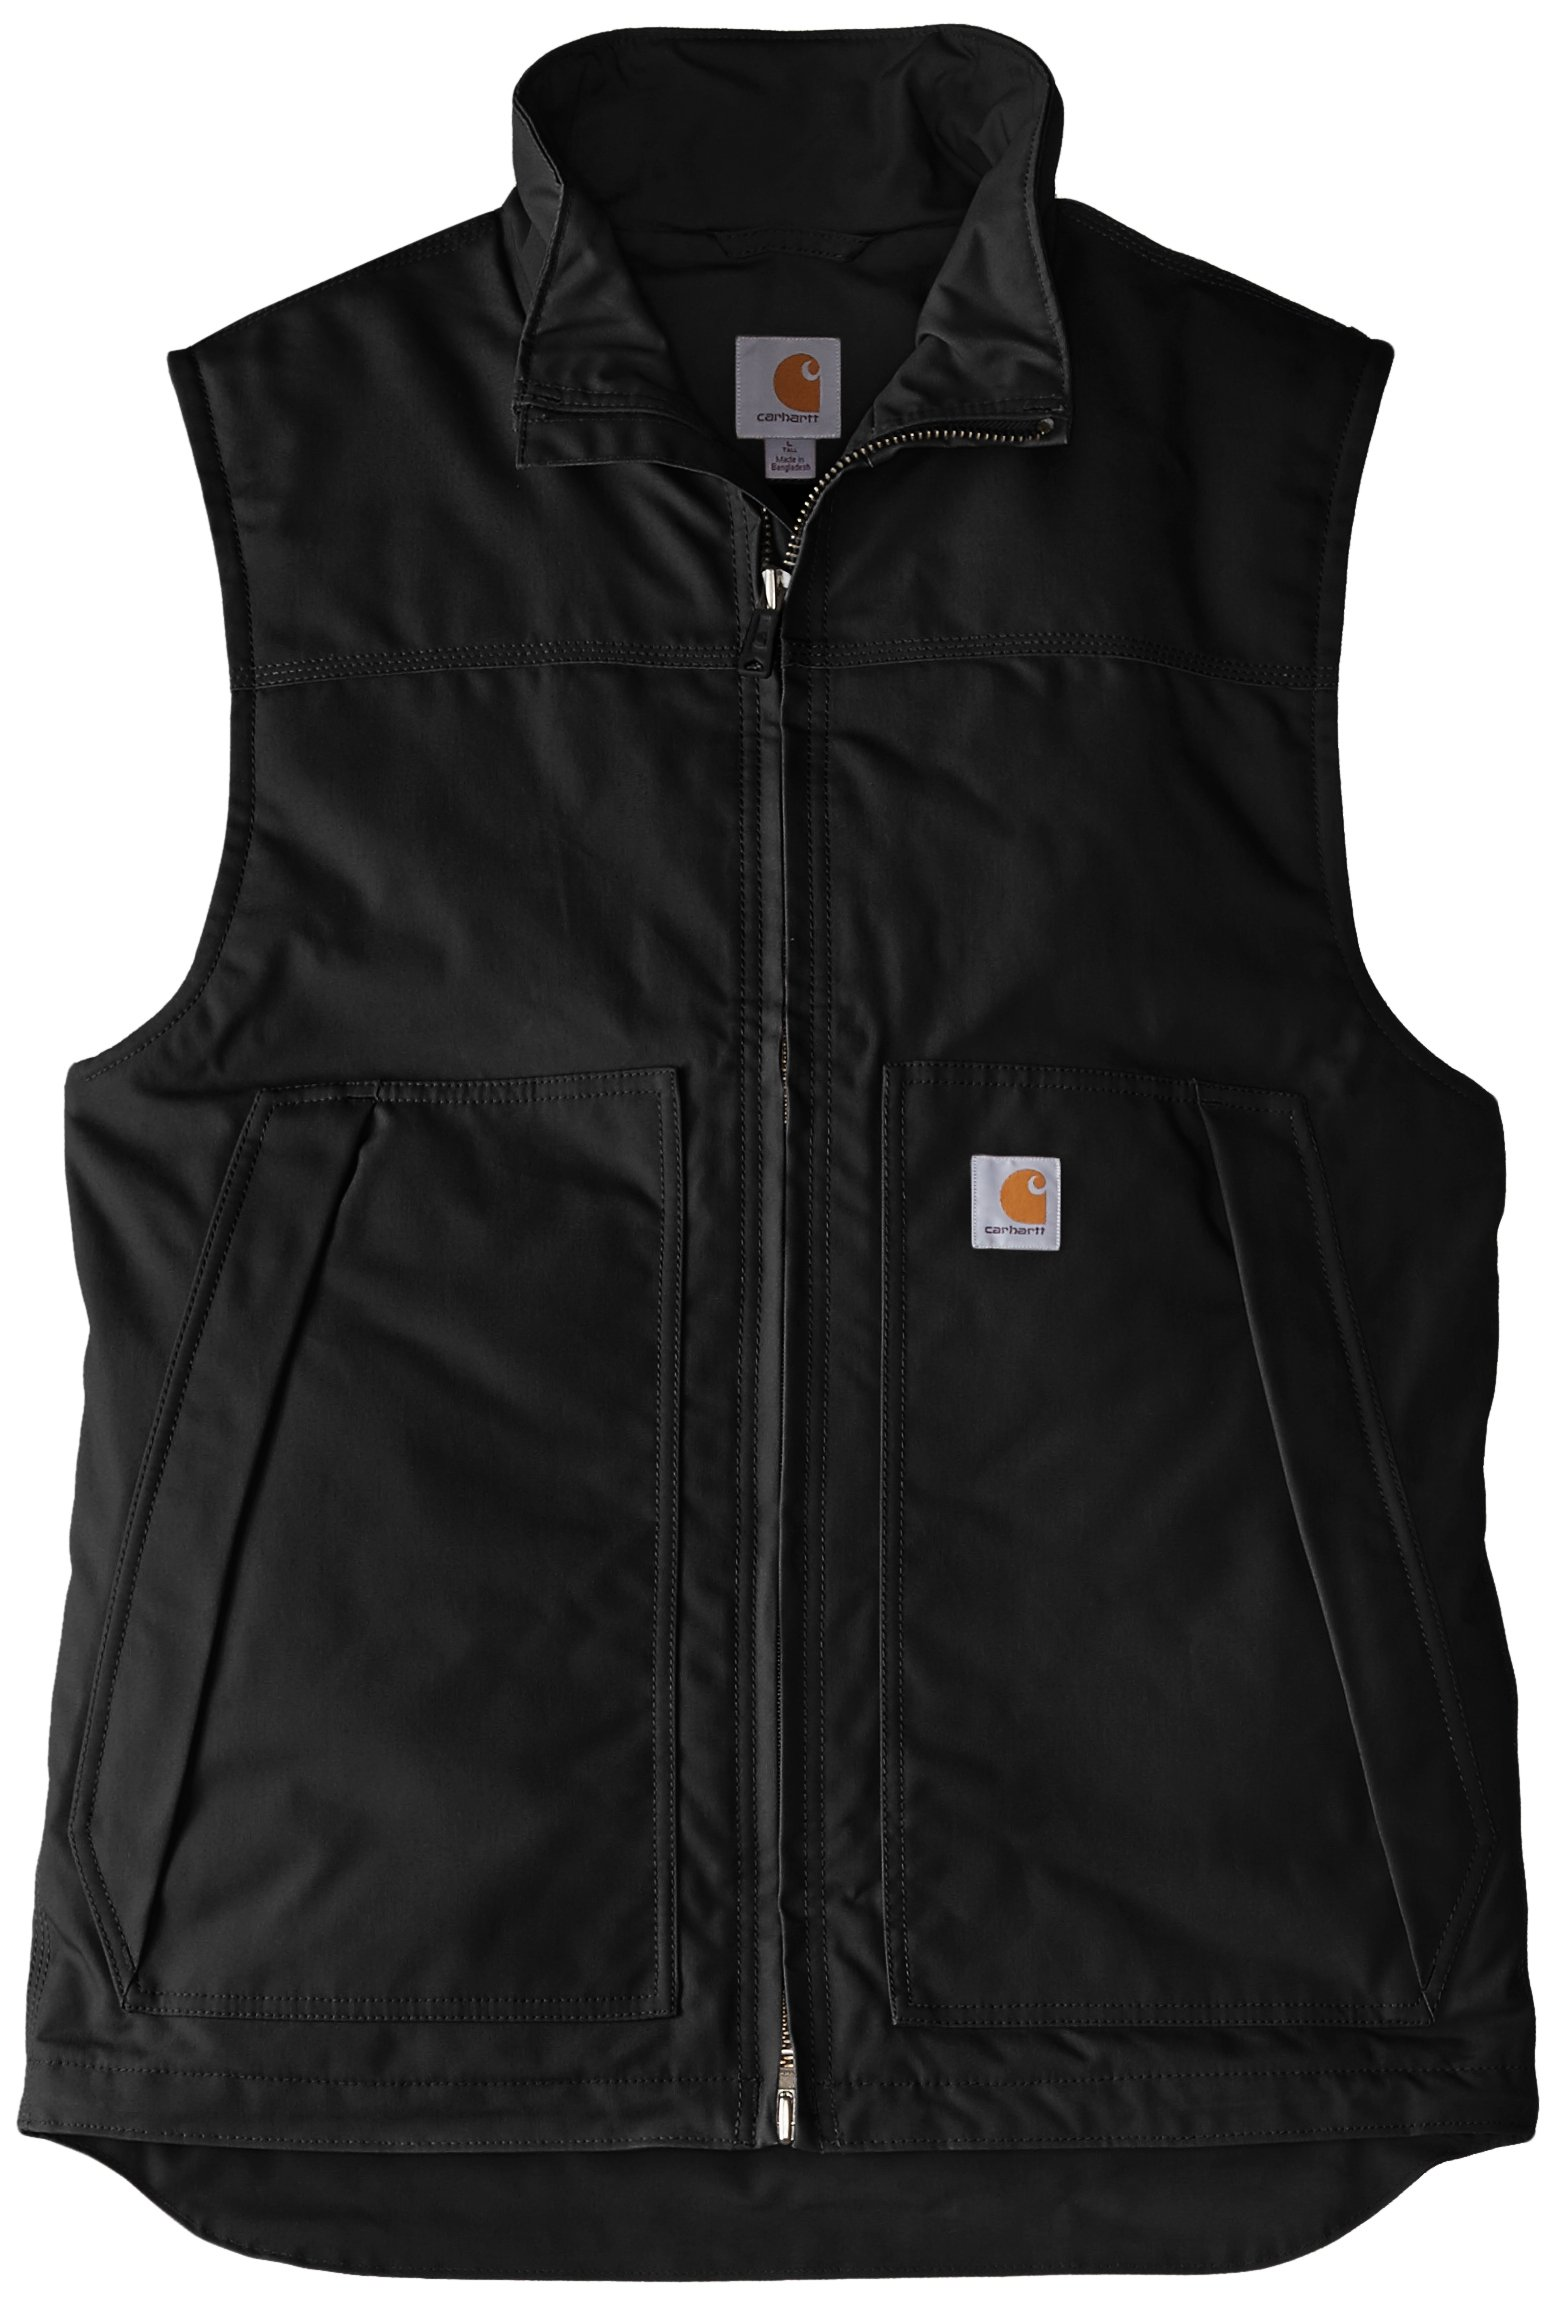 Carhartt Men's Big & Tall Quick Duck Jefferson Vest,Black,2X-Large/Tall